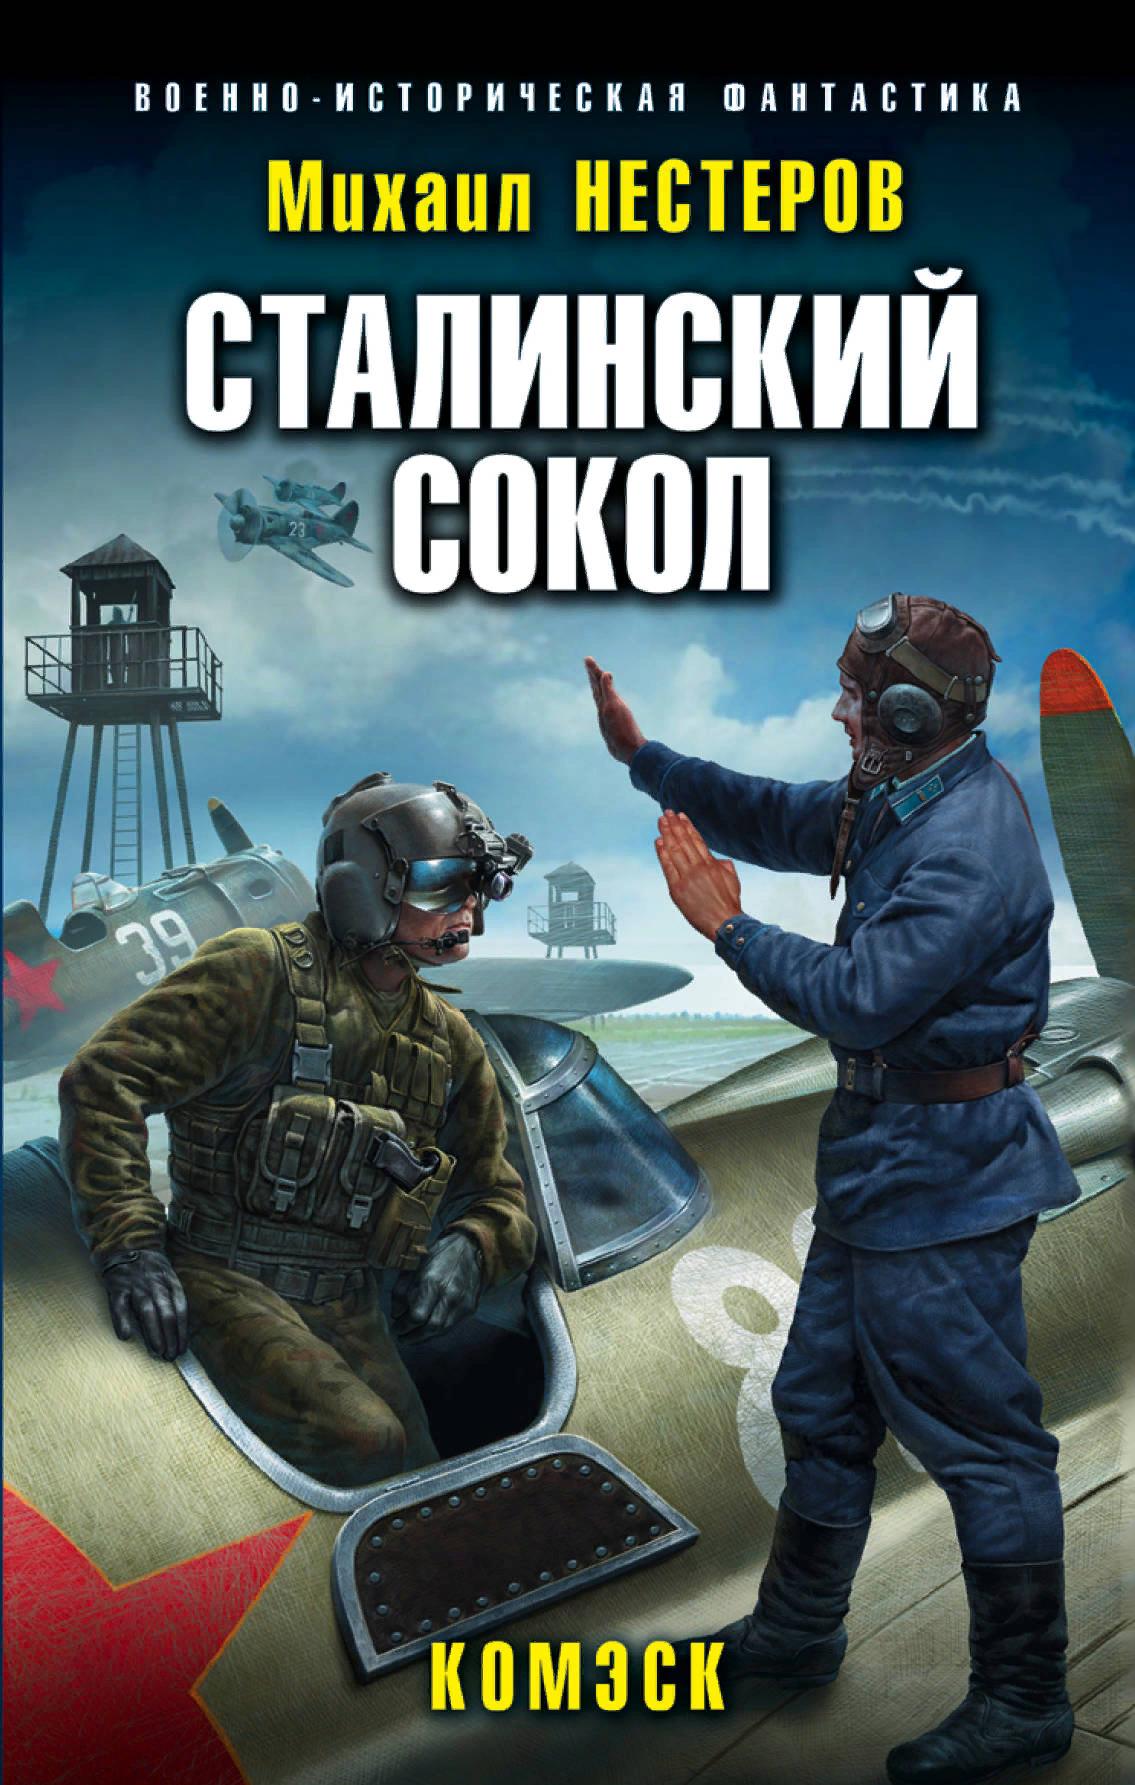 Михаил Нестеров «Сталинский сокол. Комэск»